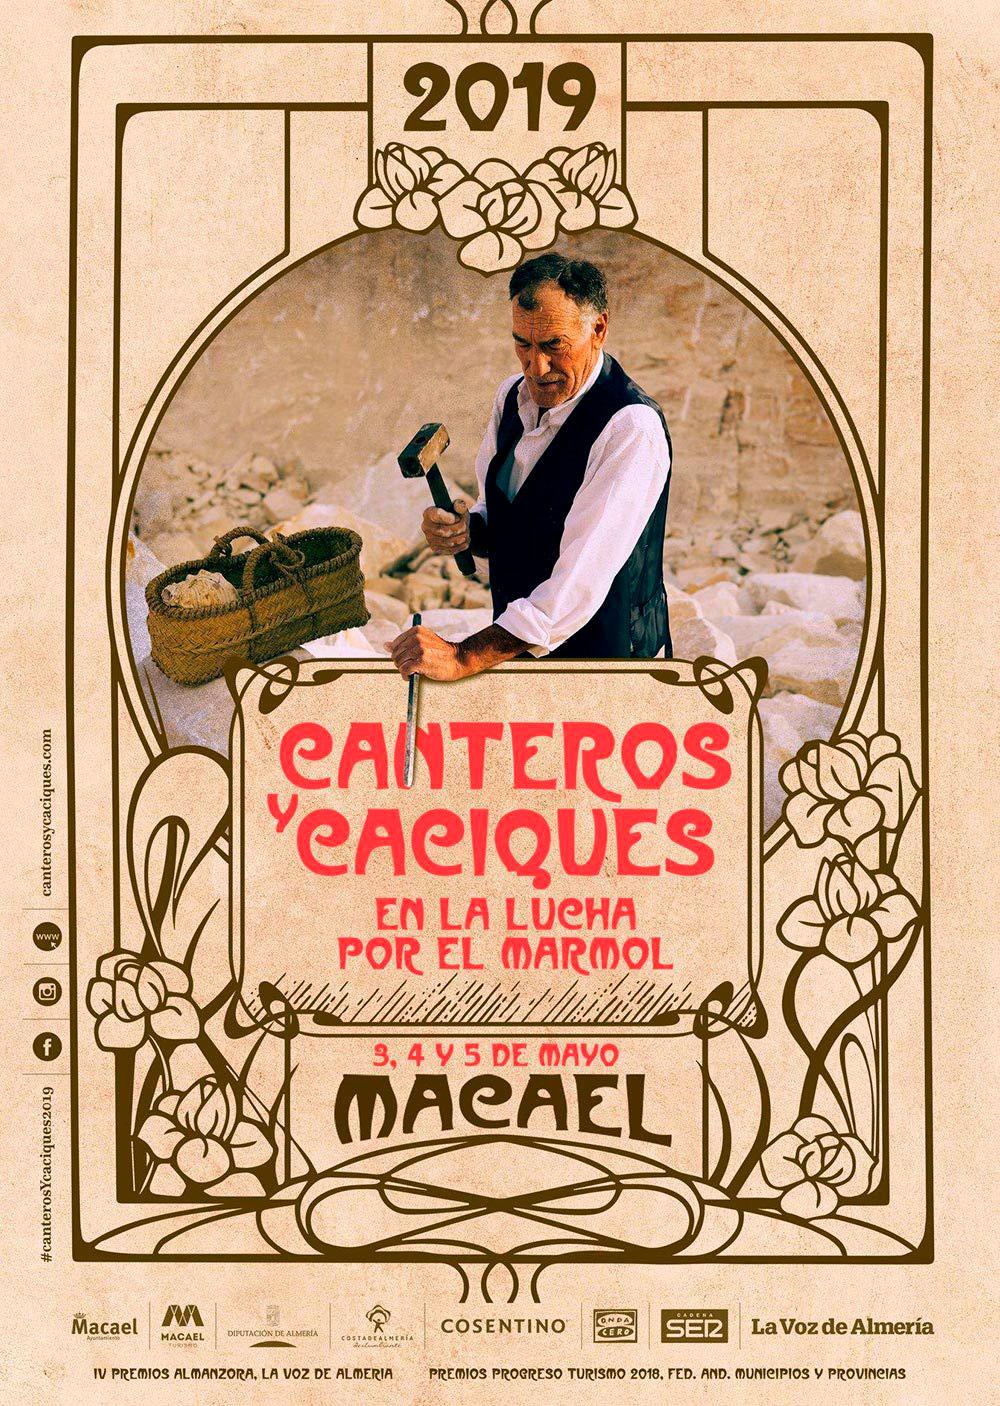 cartel-canteros-y-caciques-macael-2019